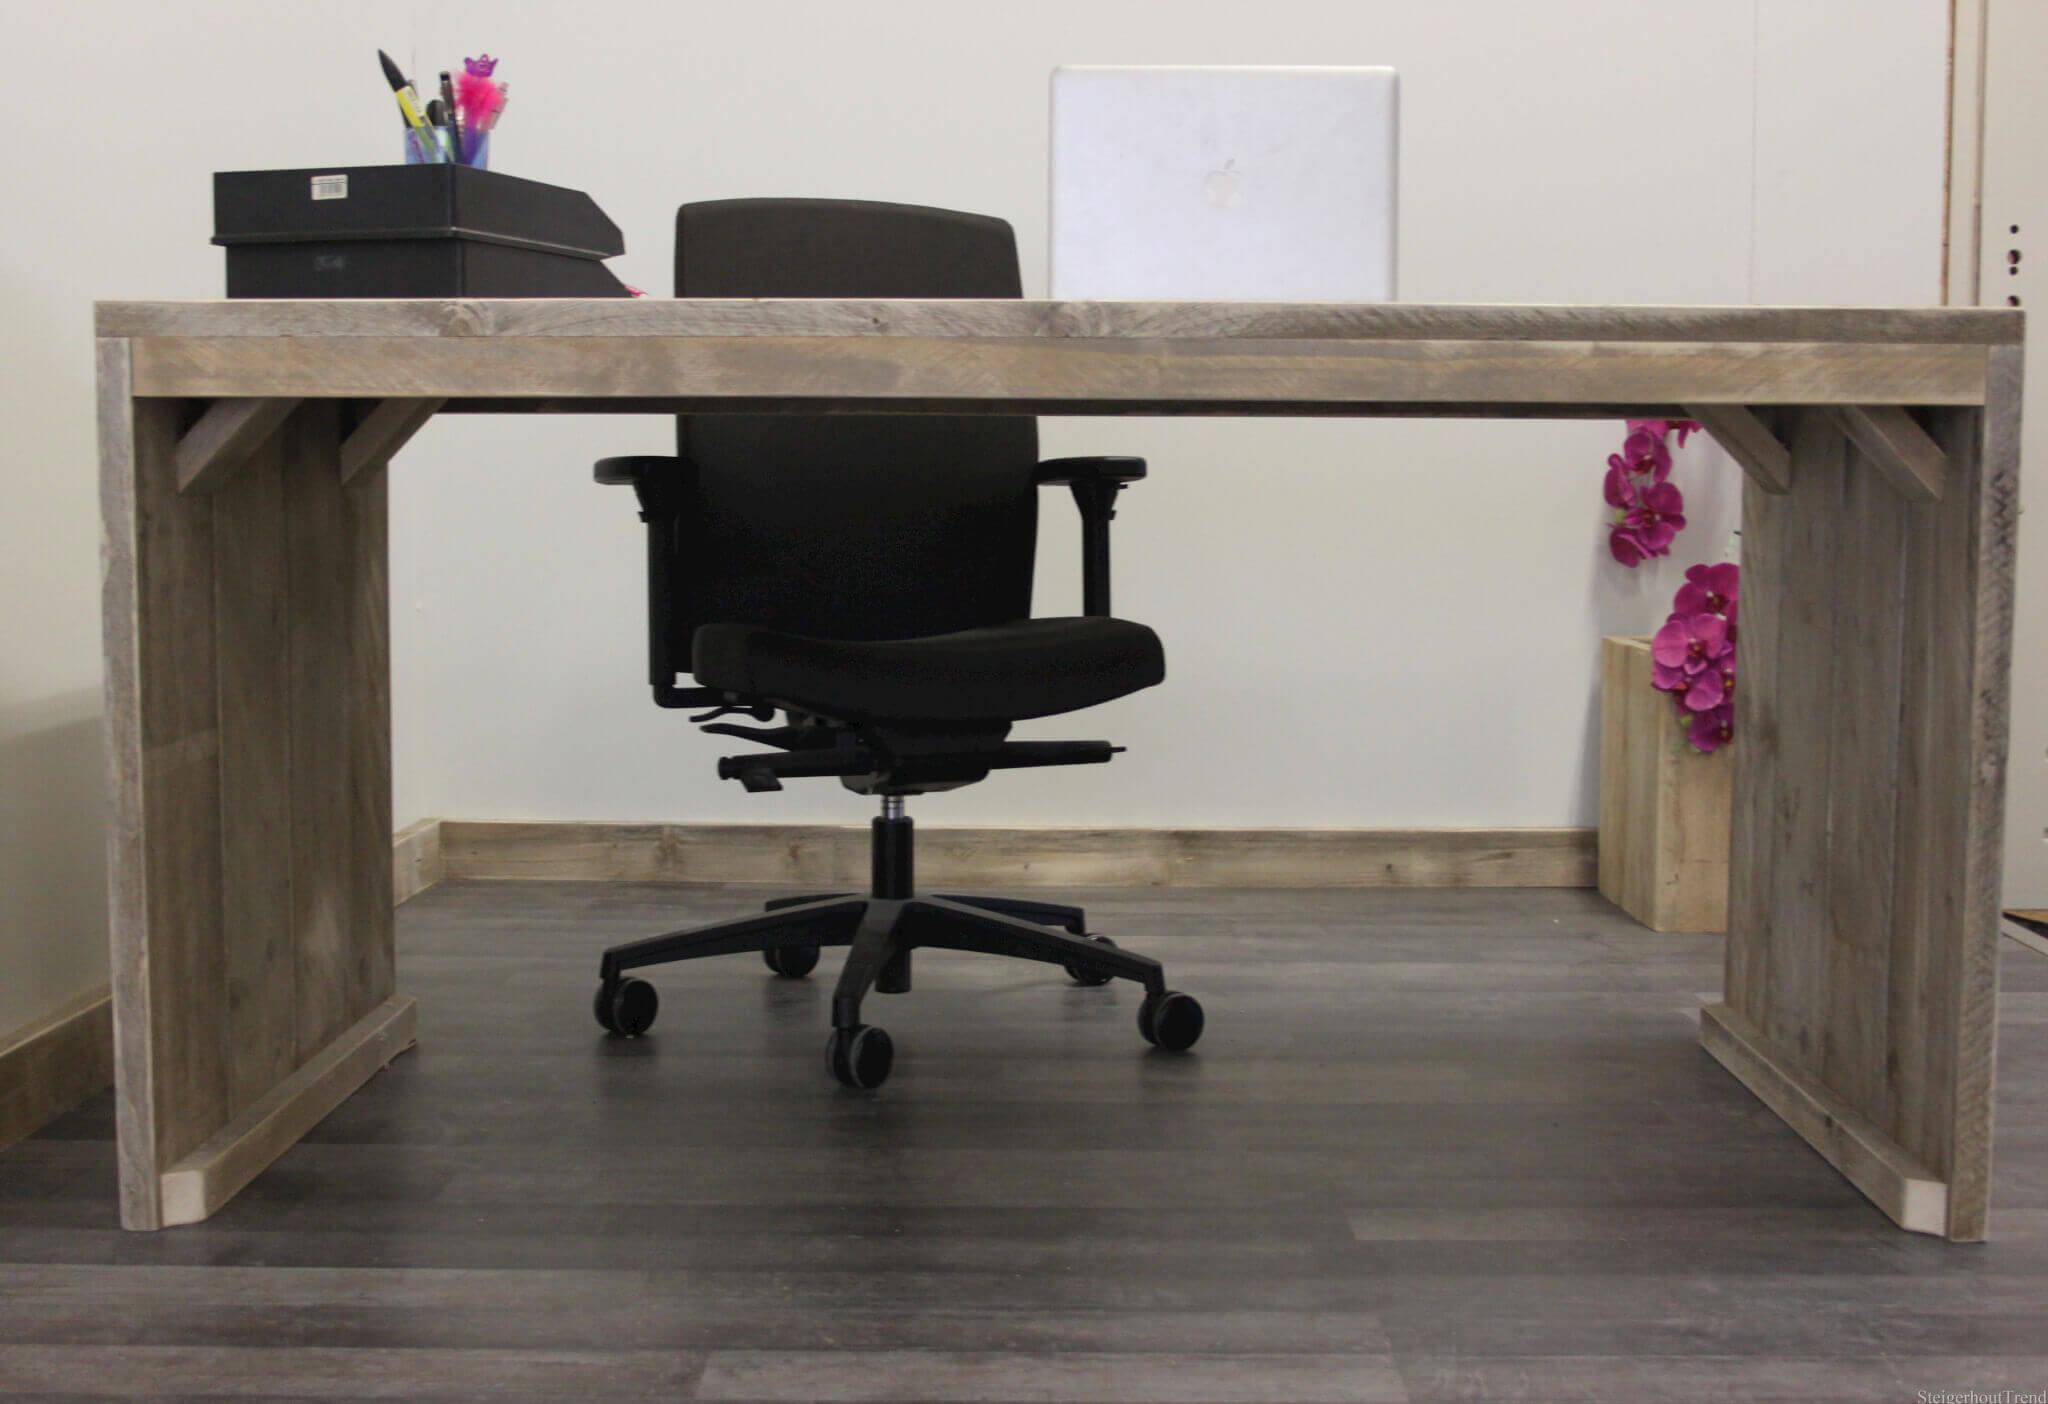 Buiten overkapping buitenkussens op maat bureau decoratie bureau inrichten bureau - Decoratie bureau travail ...